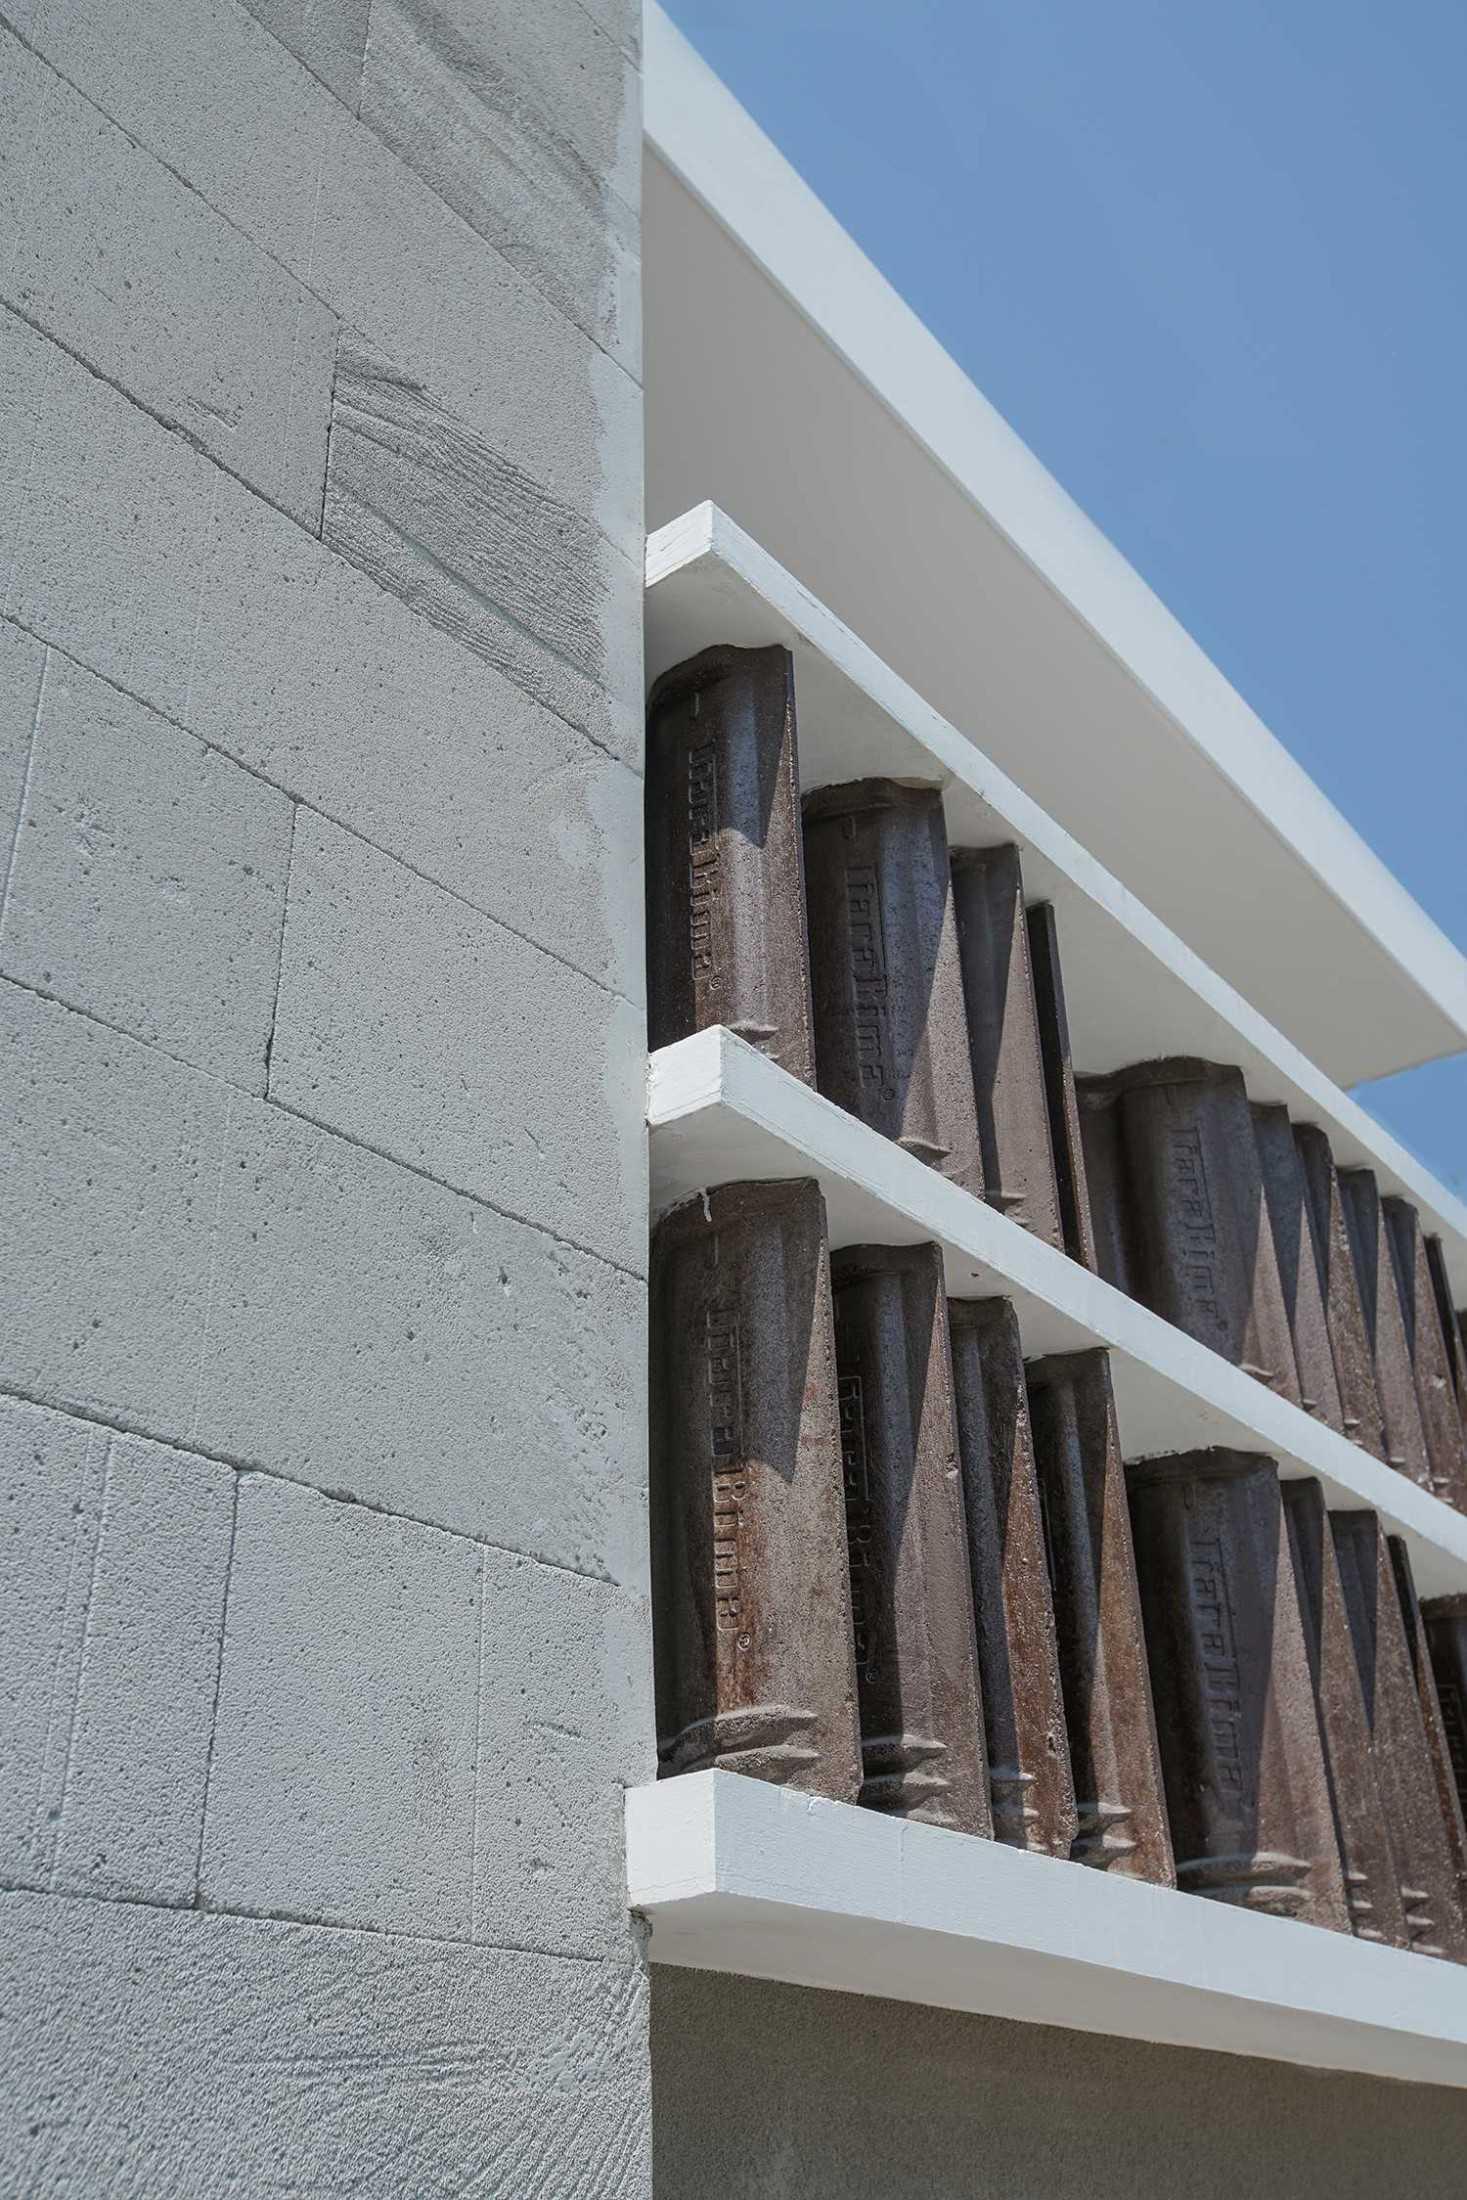 Saso Architecture Studio Rumah Genteng Bintara, Kec. Bekasi Bar., Kota Bks, Jawa Barat, Indonesia Bintara, Kec. Bekasi Bar., Kota Bks, Jawa Barat, Indonesia Saso-Architecture-Studio-Rumah-Genteng  79376